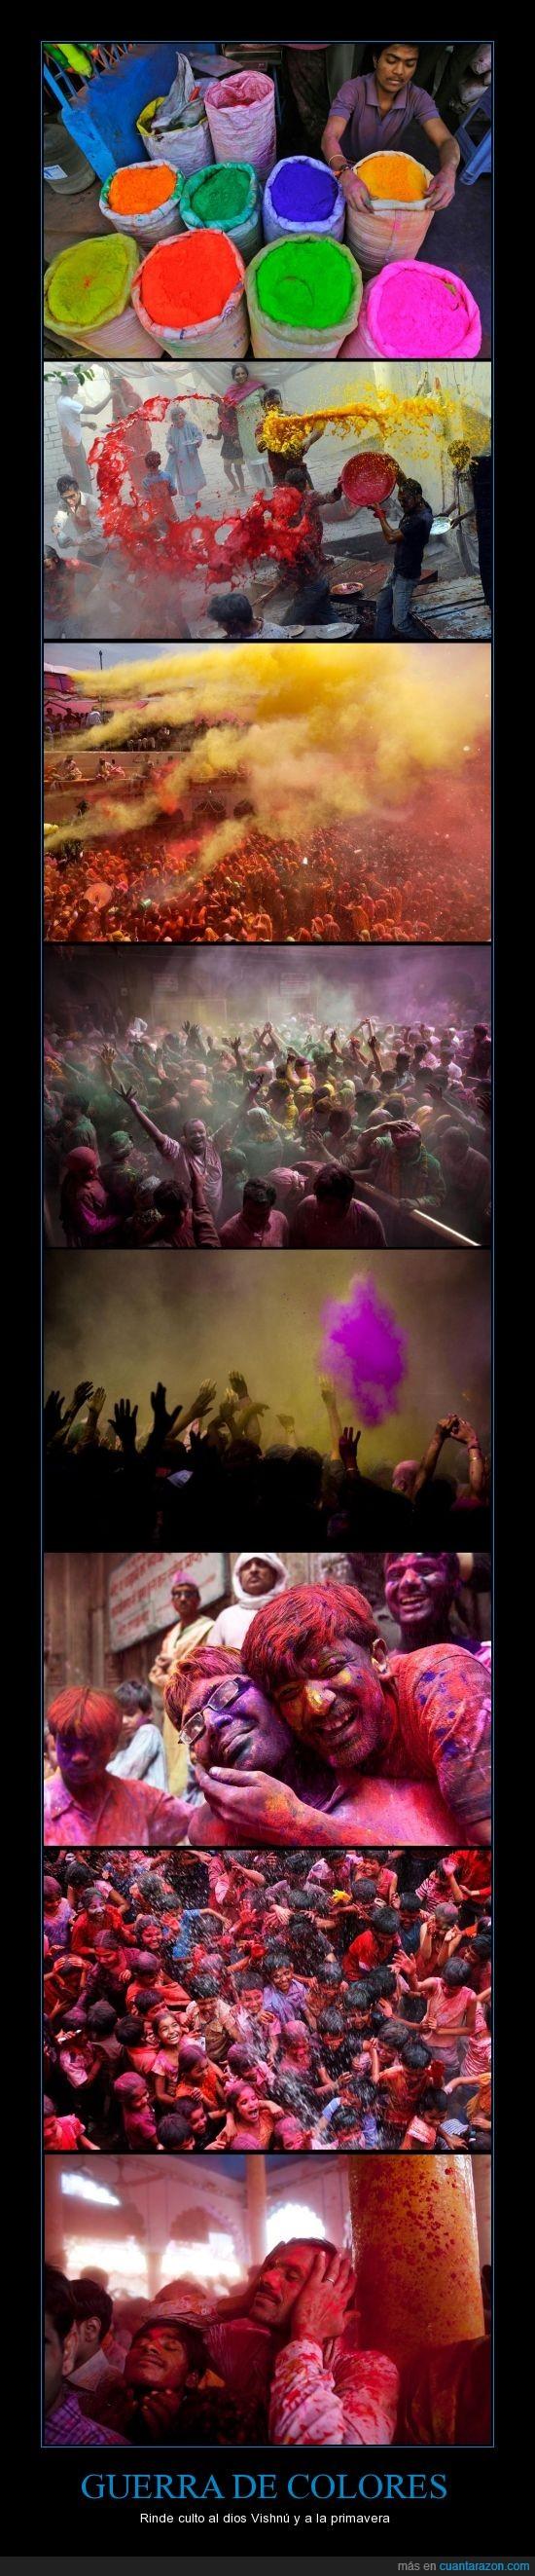 Colores,Guerra,India,Primavera,Vishnú